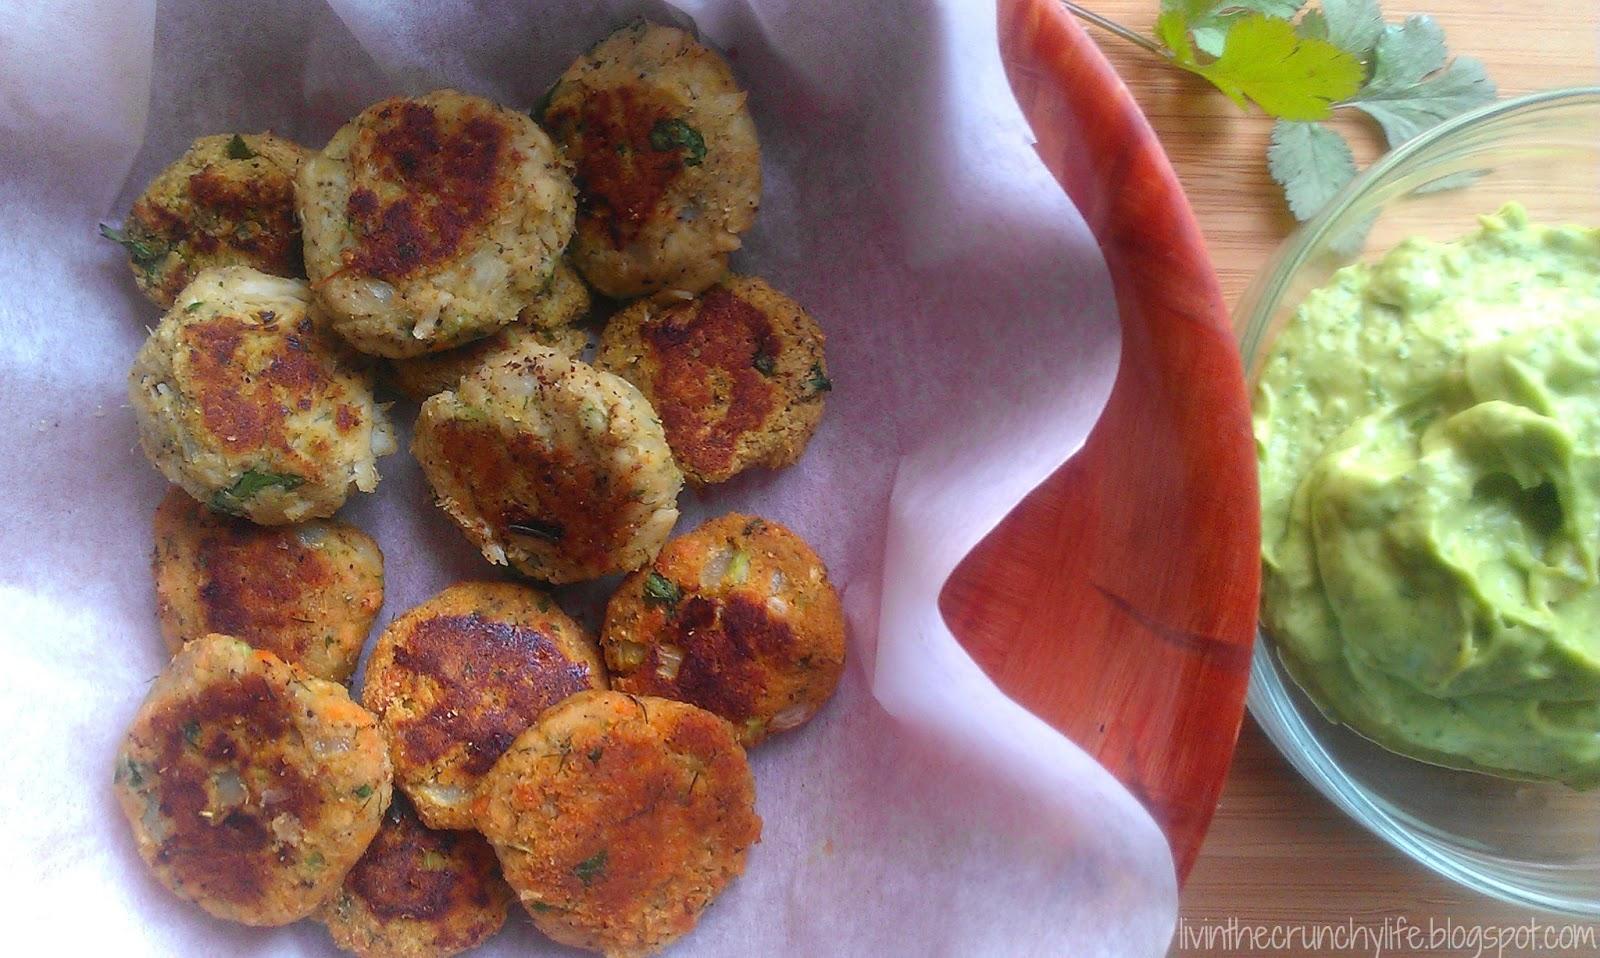 Salmon Cakes with Cilantro Lime Avocado Dip (Paleo, Autoimmune protocol)